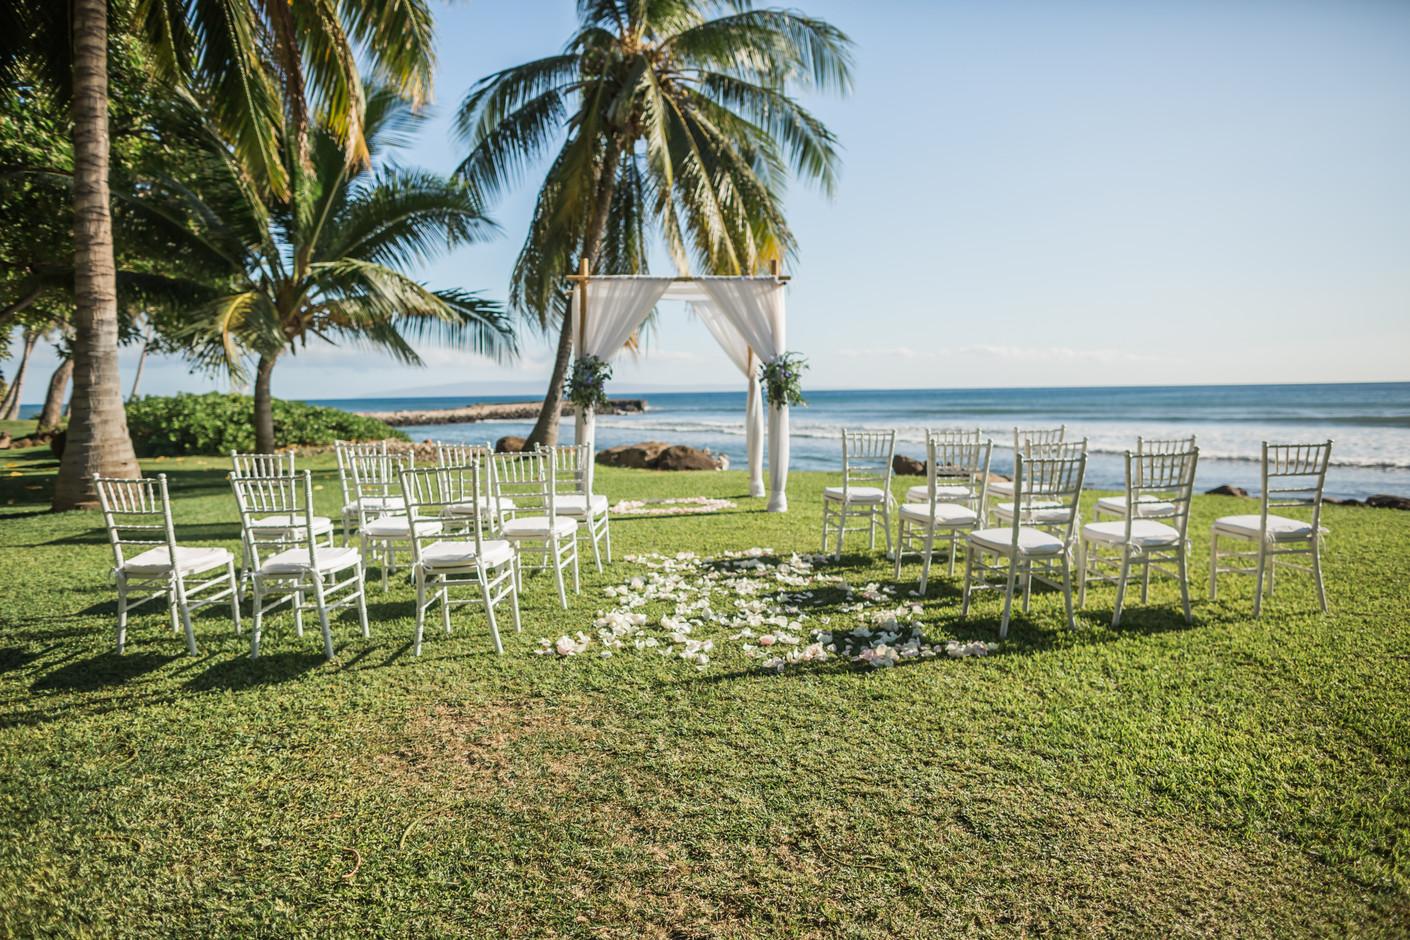 Blue Dreamy Wedding Arch Arrangements at